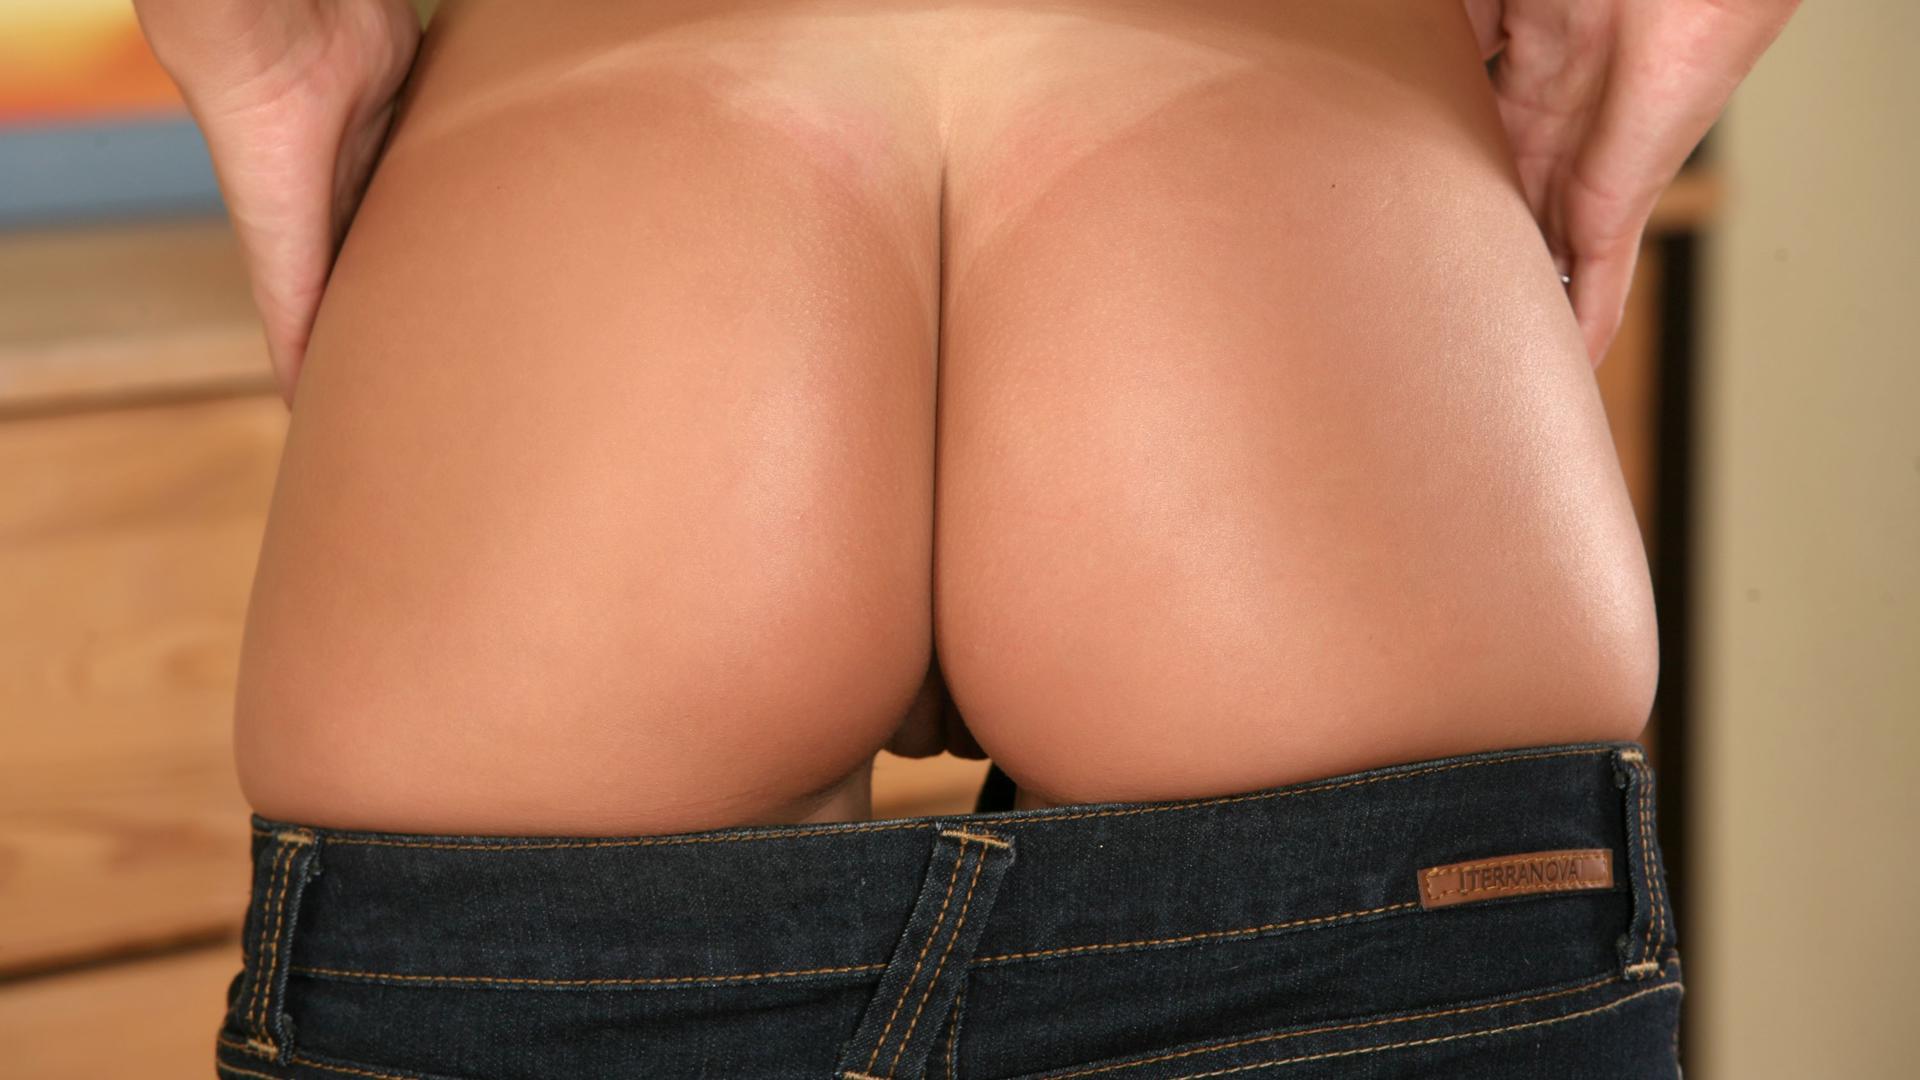 butt pix